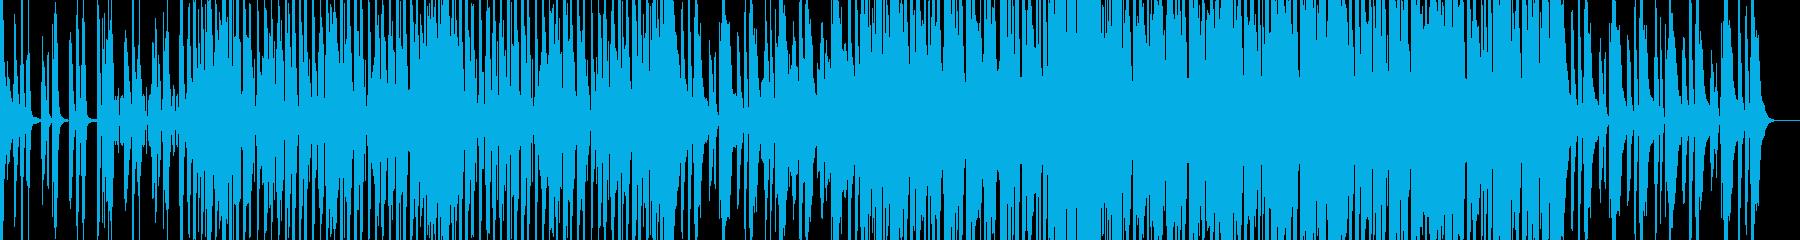 懐かしい感じのファンクミュージックの再生済みの波形